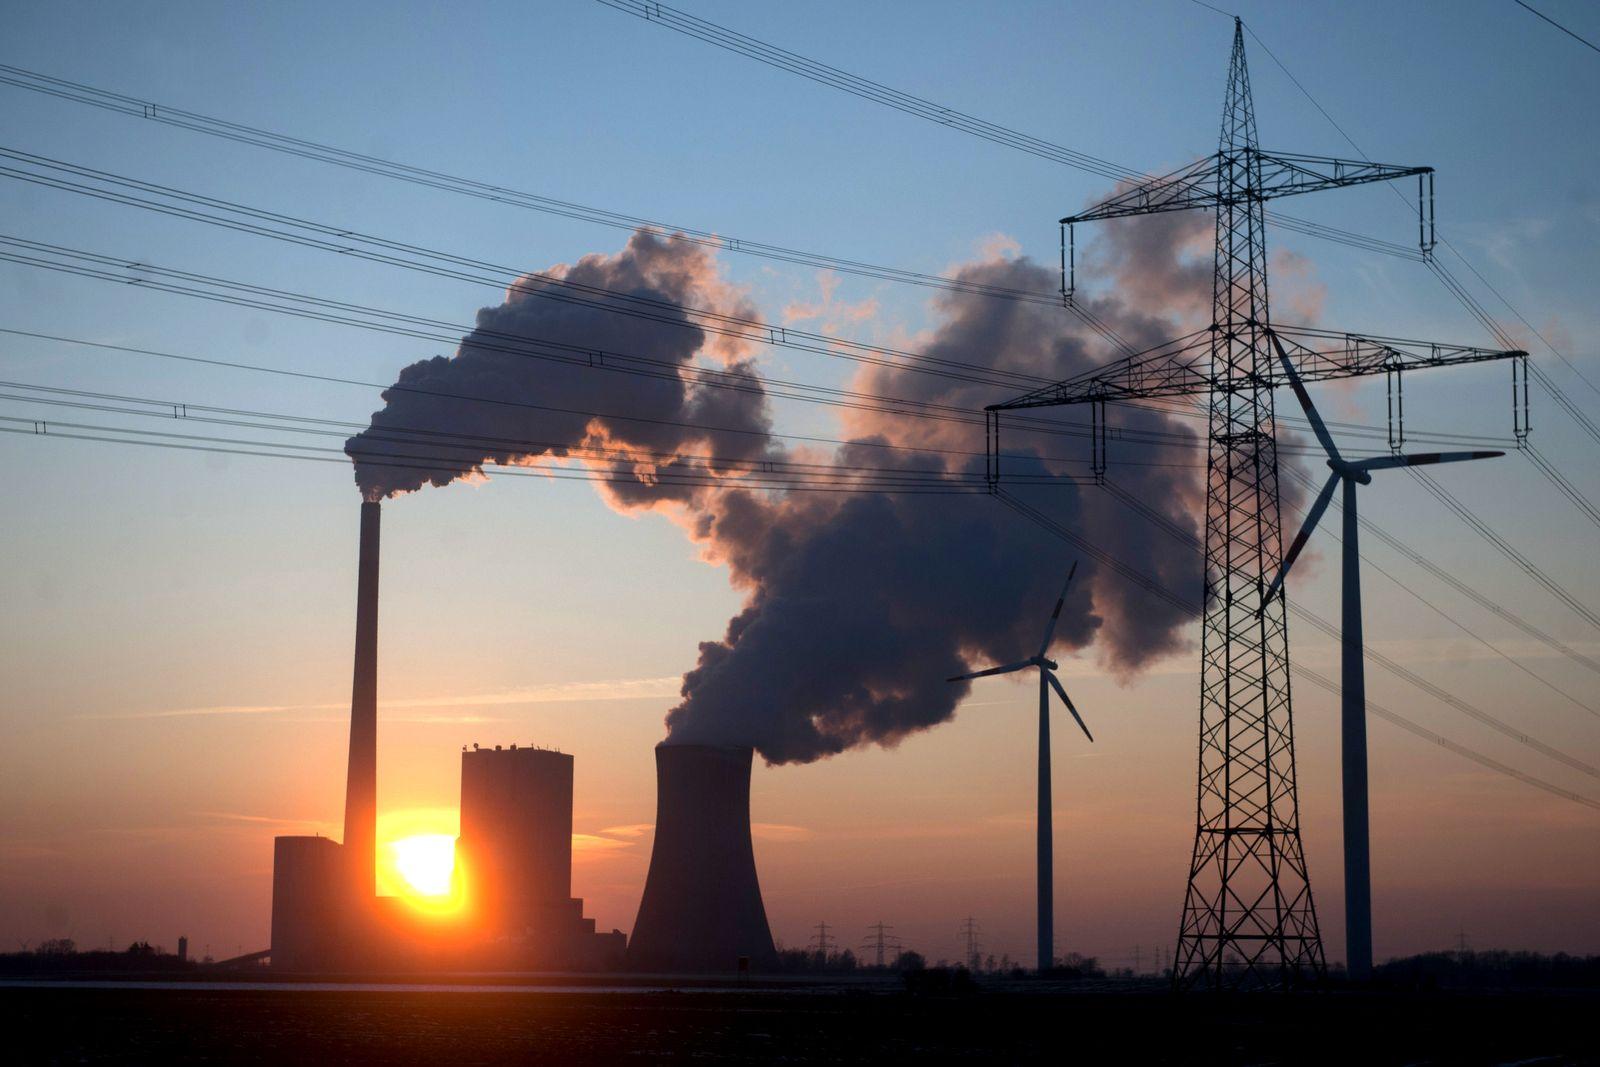 NICHT VERWENDEN Strom/ Energie/ Kraftwerk